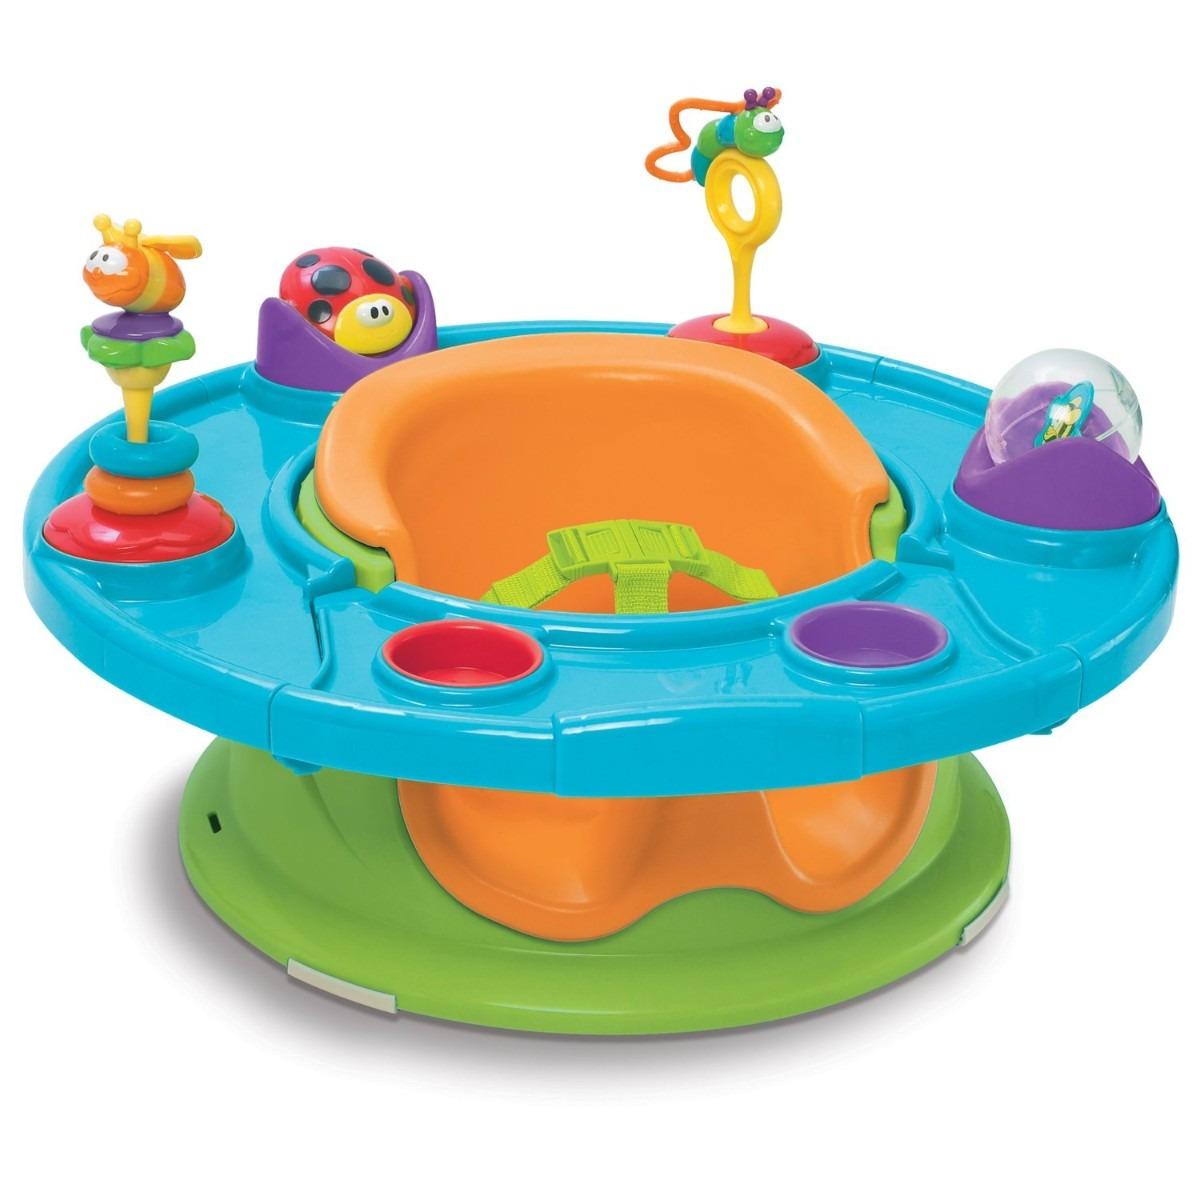 silla estilo bumbo para beb 3 en 1 asiento juegos